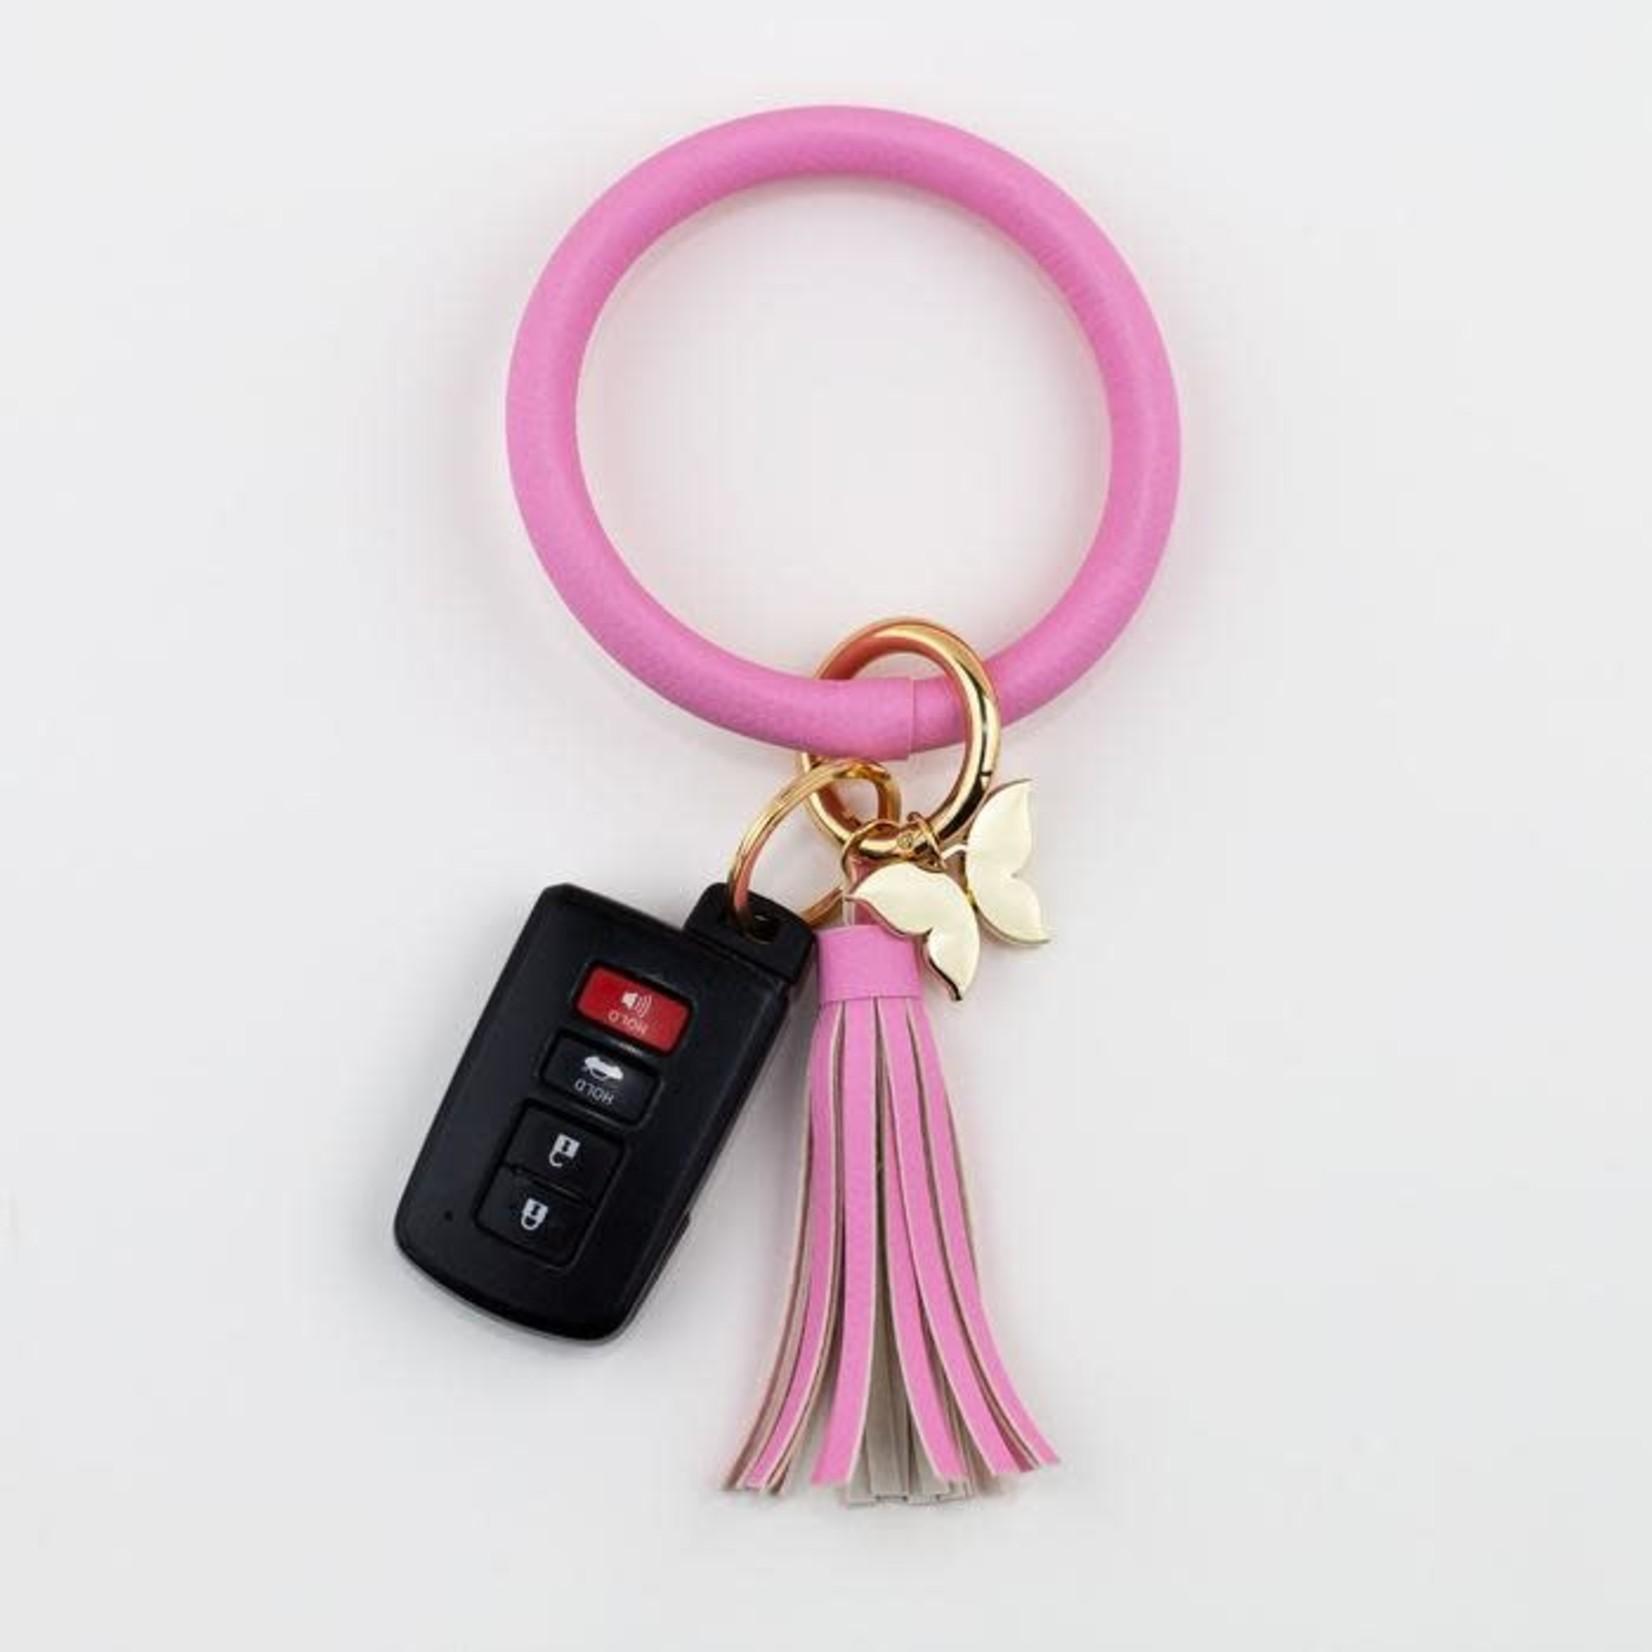 Bangle Key Ring - Pink